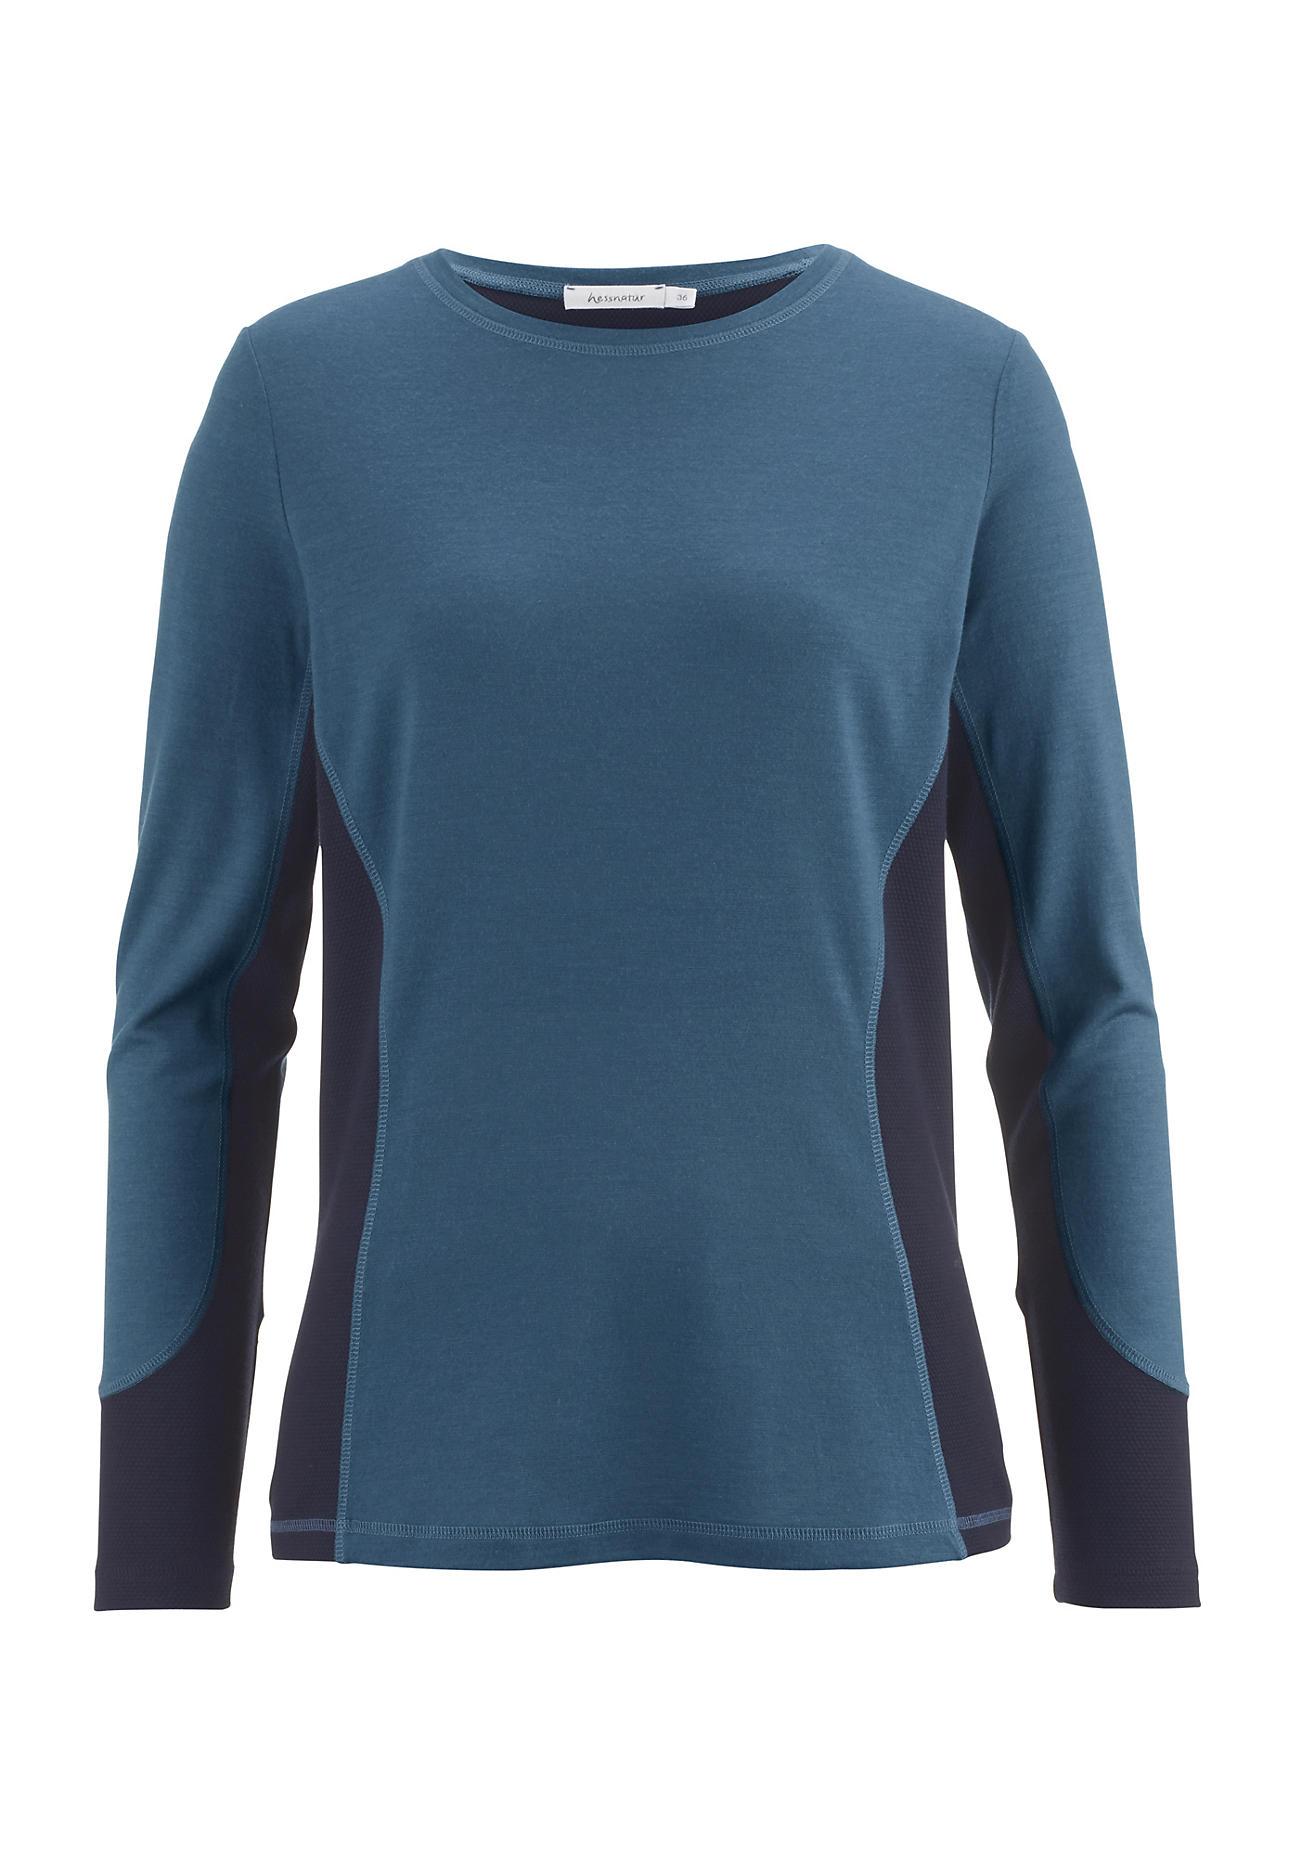 hessnatur Outdoor Damen Funktionsshirt aus Bio-Merinowolle – blau – Größe 34